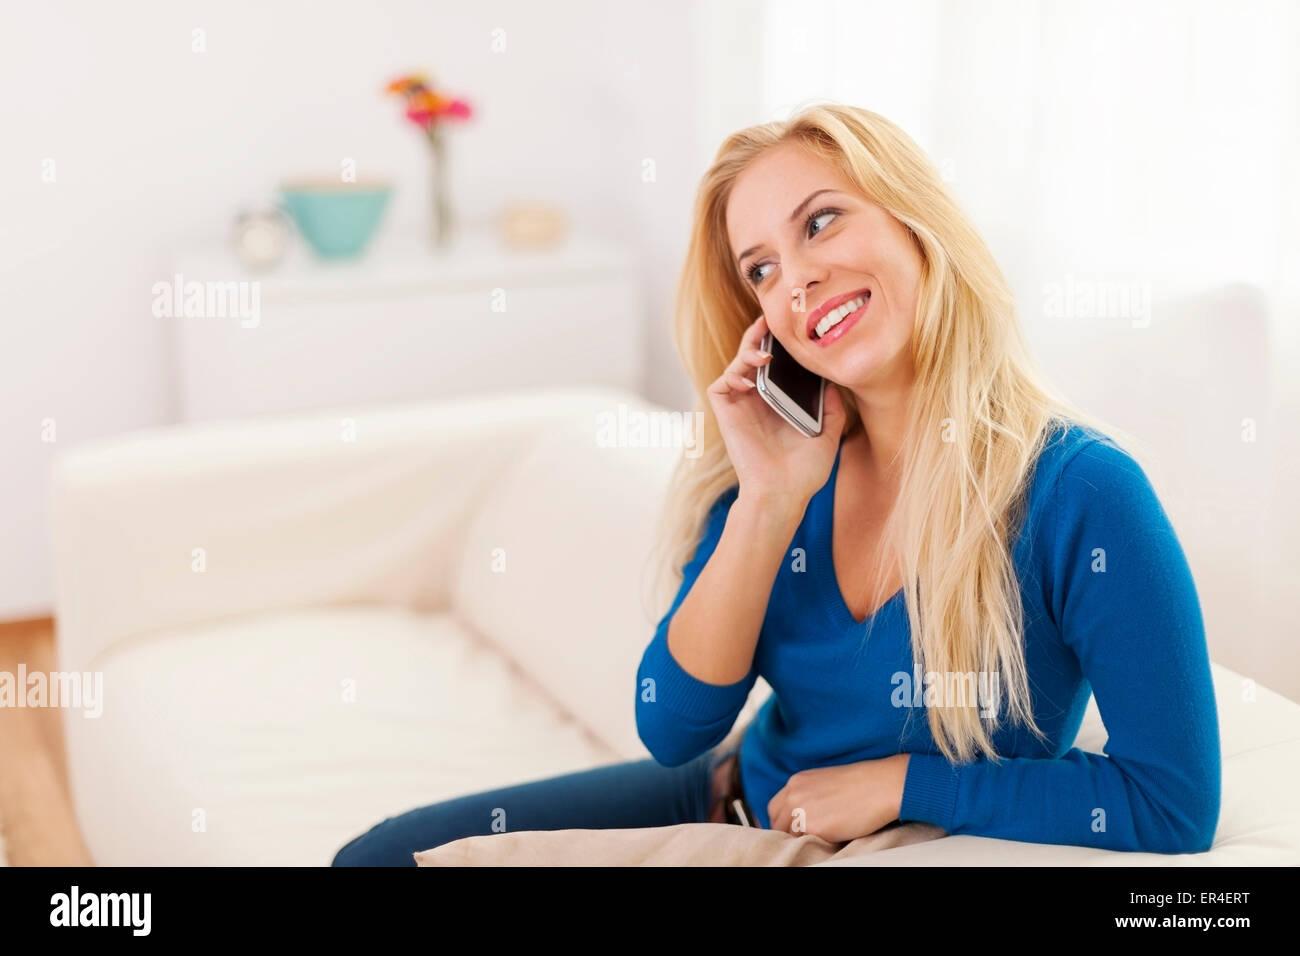 Lindo rubia mujer hablando por teléfono móvil en el hogar Imagen De Stock